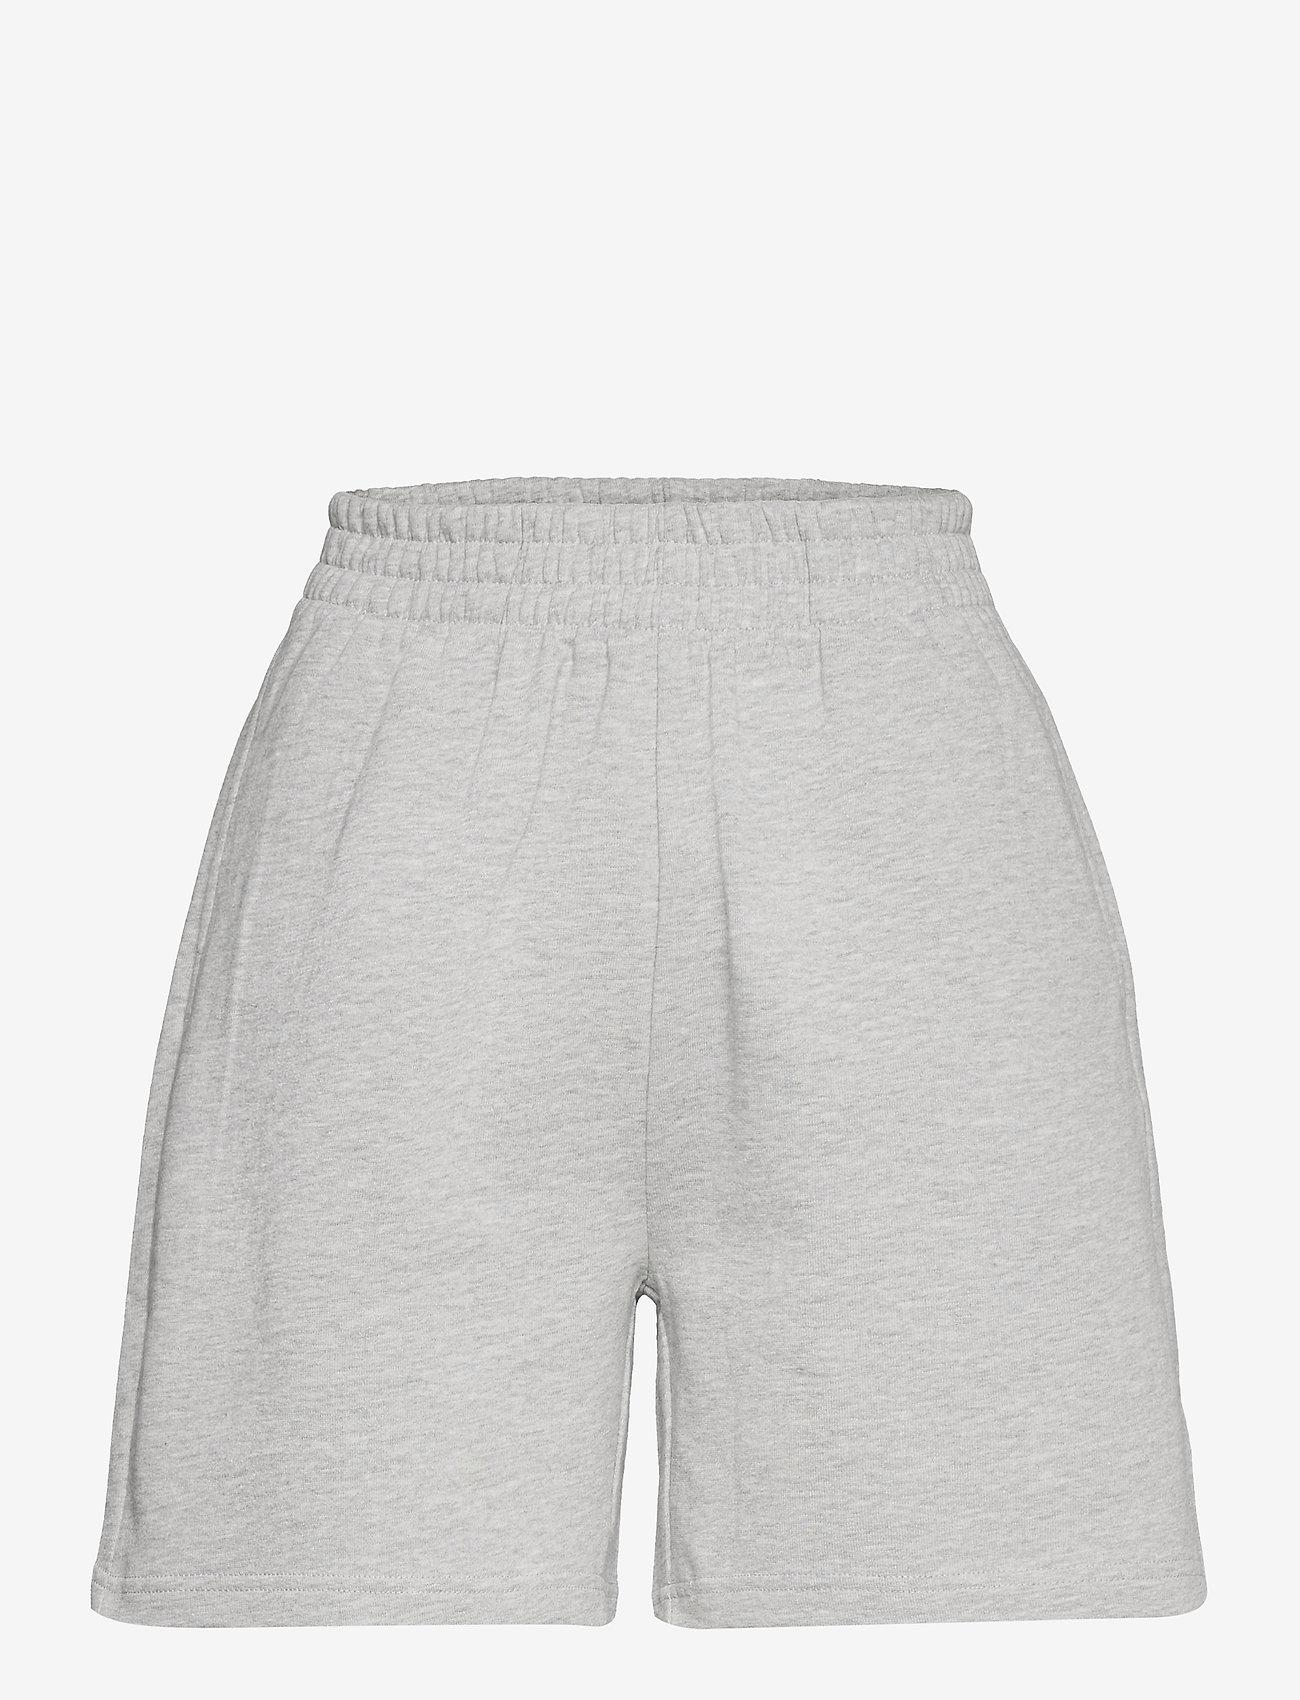 Gina Tricot - Nora shorts - shorts casual - grey melange (8181) - 0